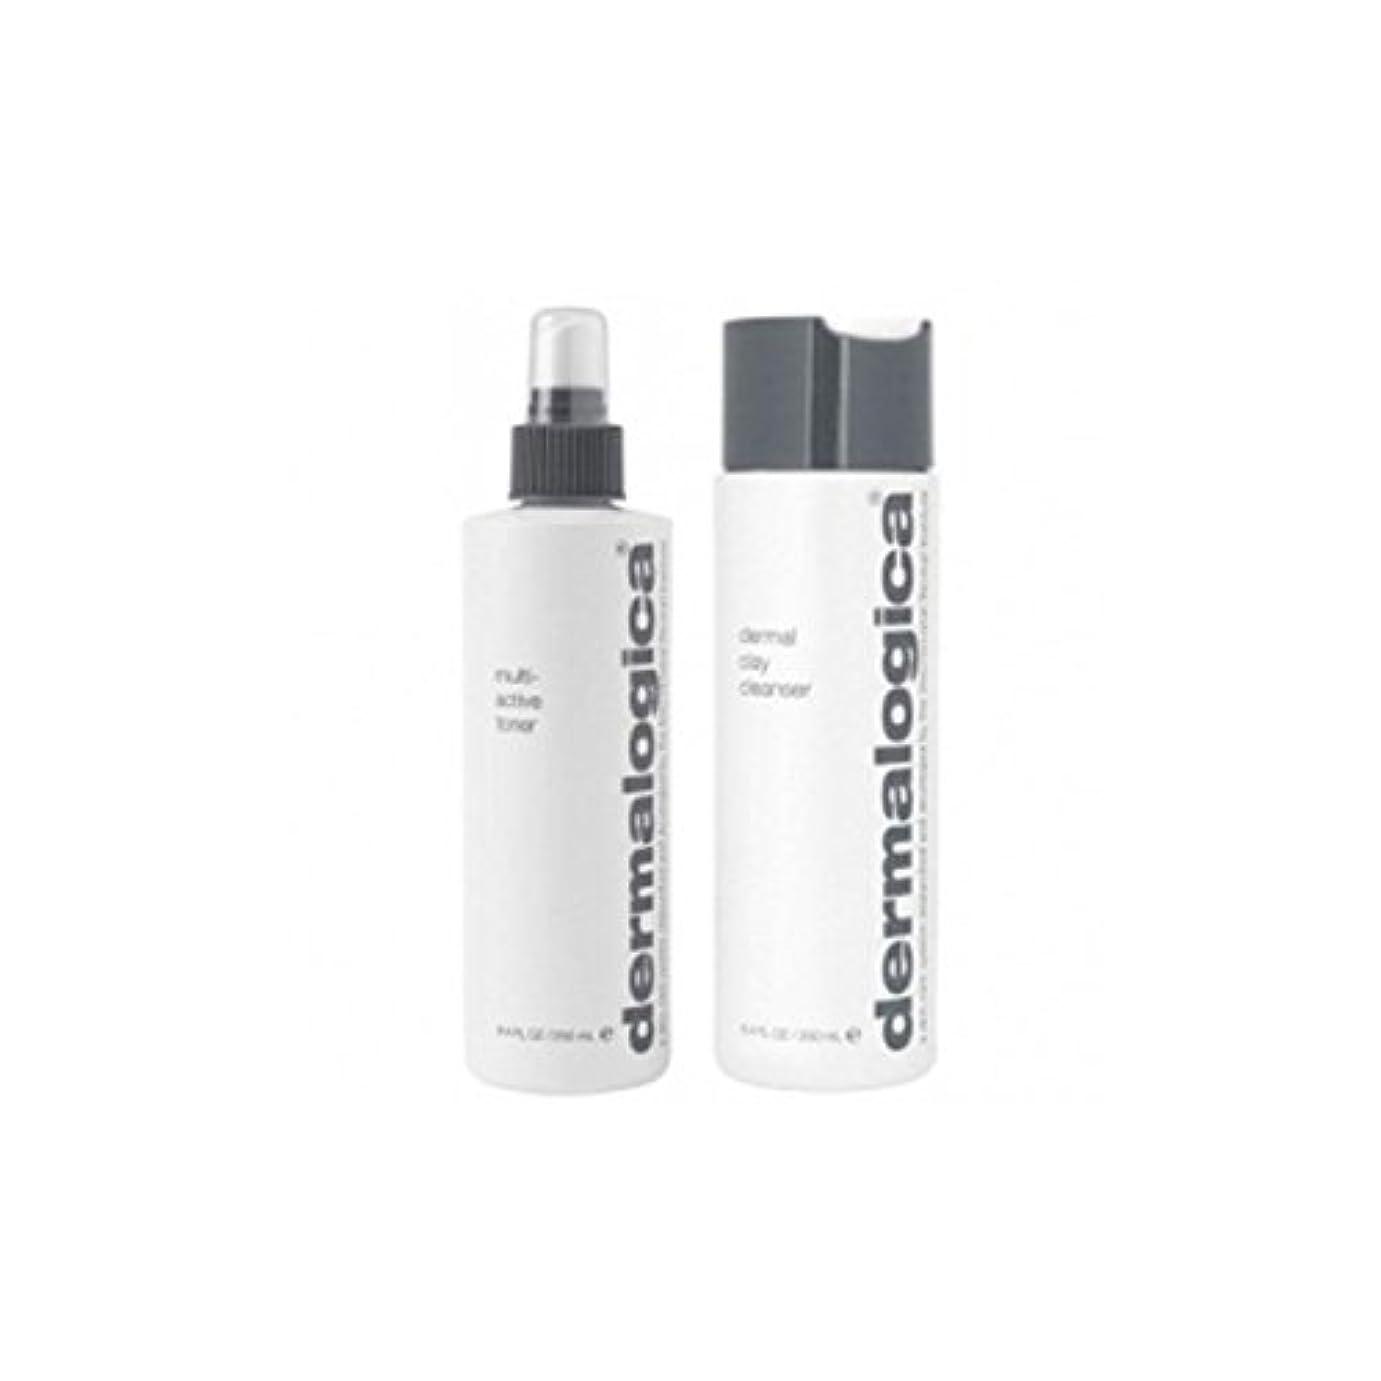 哺乳類シーサイド入札Dermalogica Cleanse & Tone Duo - Oily Skin (2 Products) - ダーマロジカクレンジング&トーンデュオ - 脂性肌(2製品) [並行輸入品]